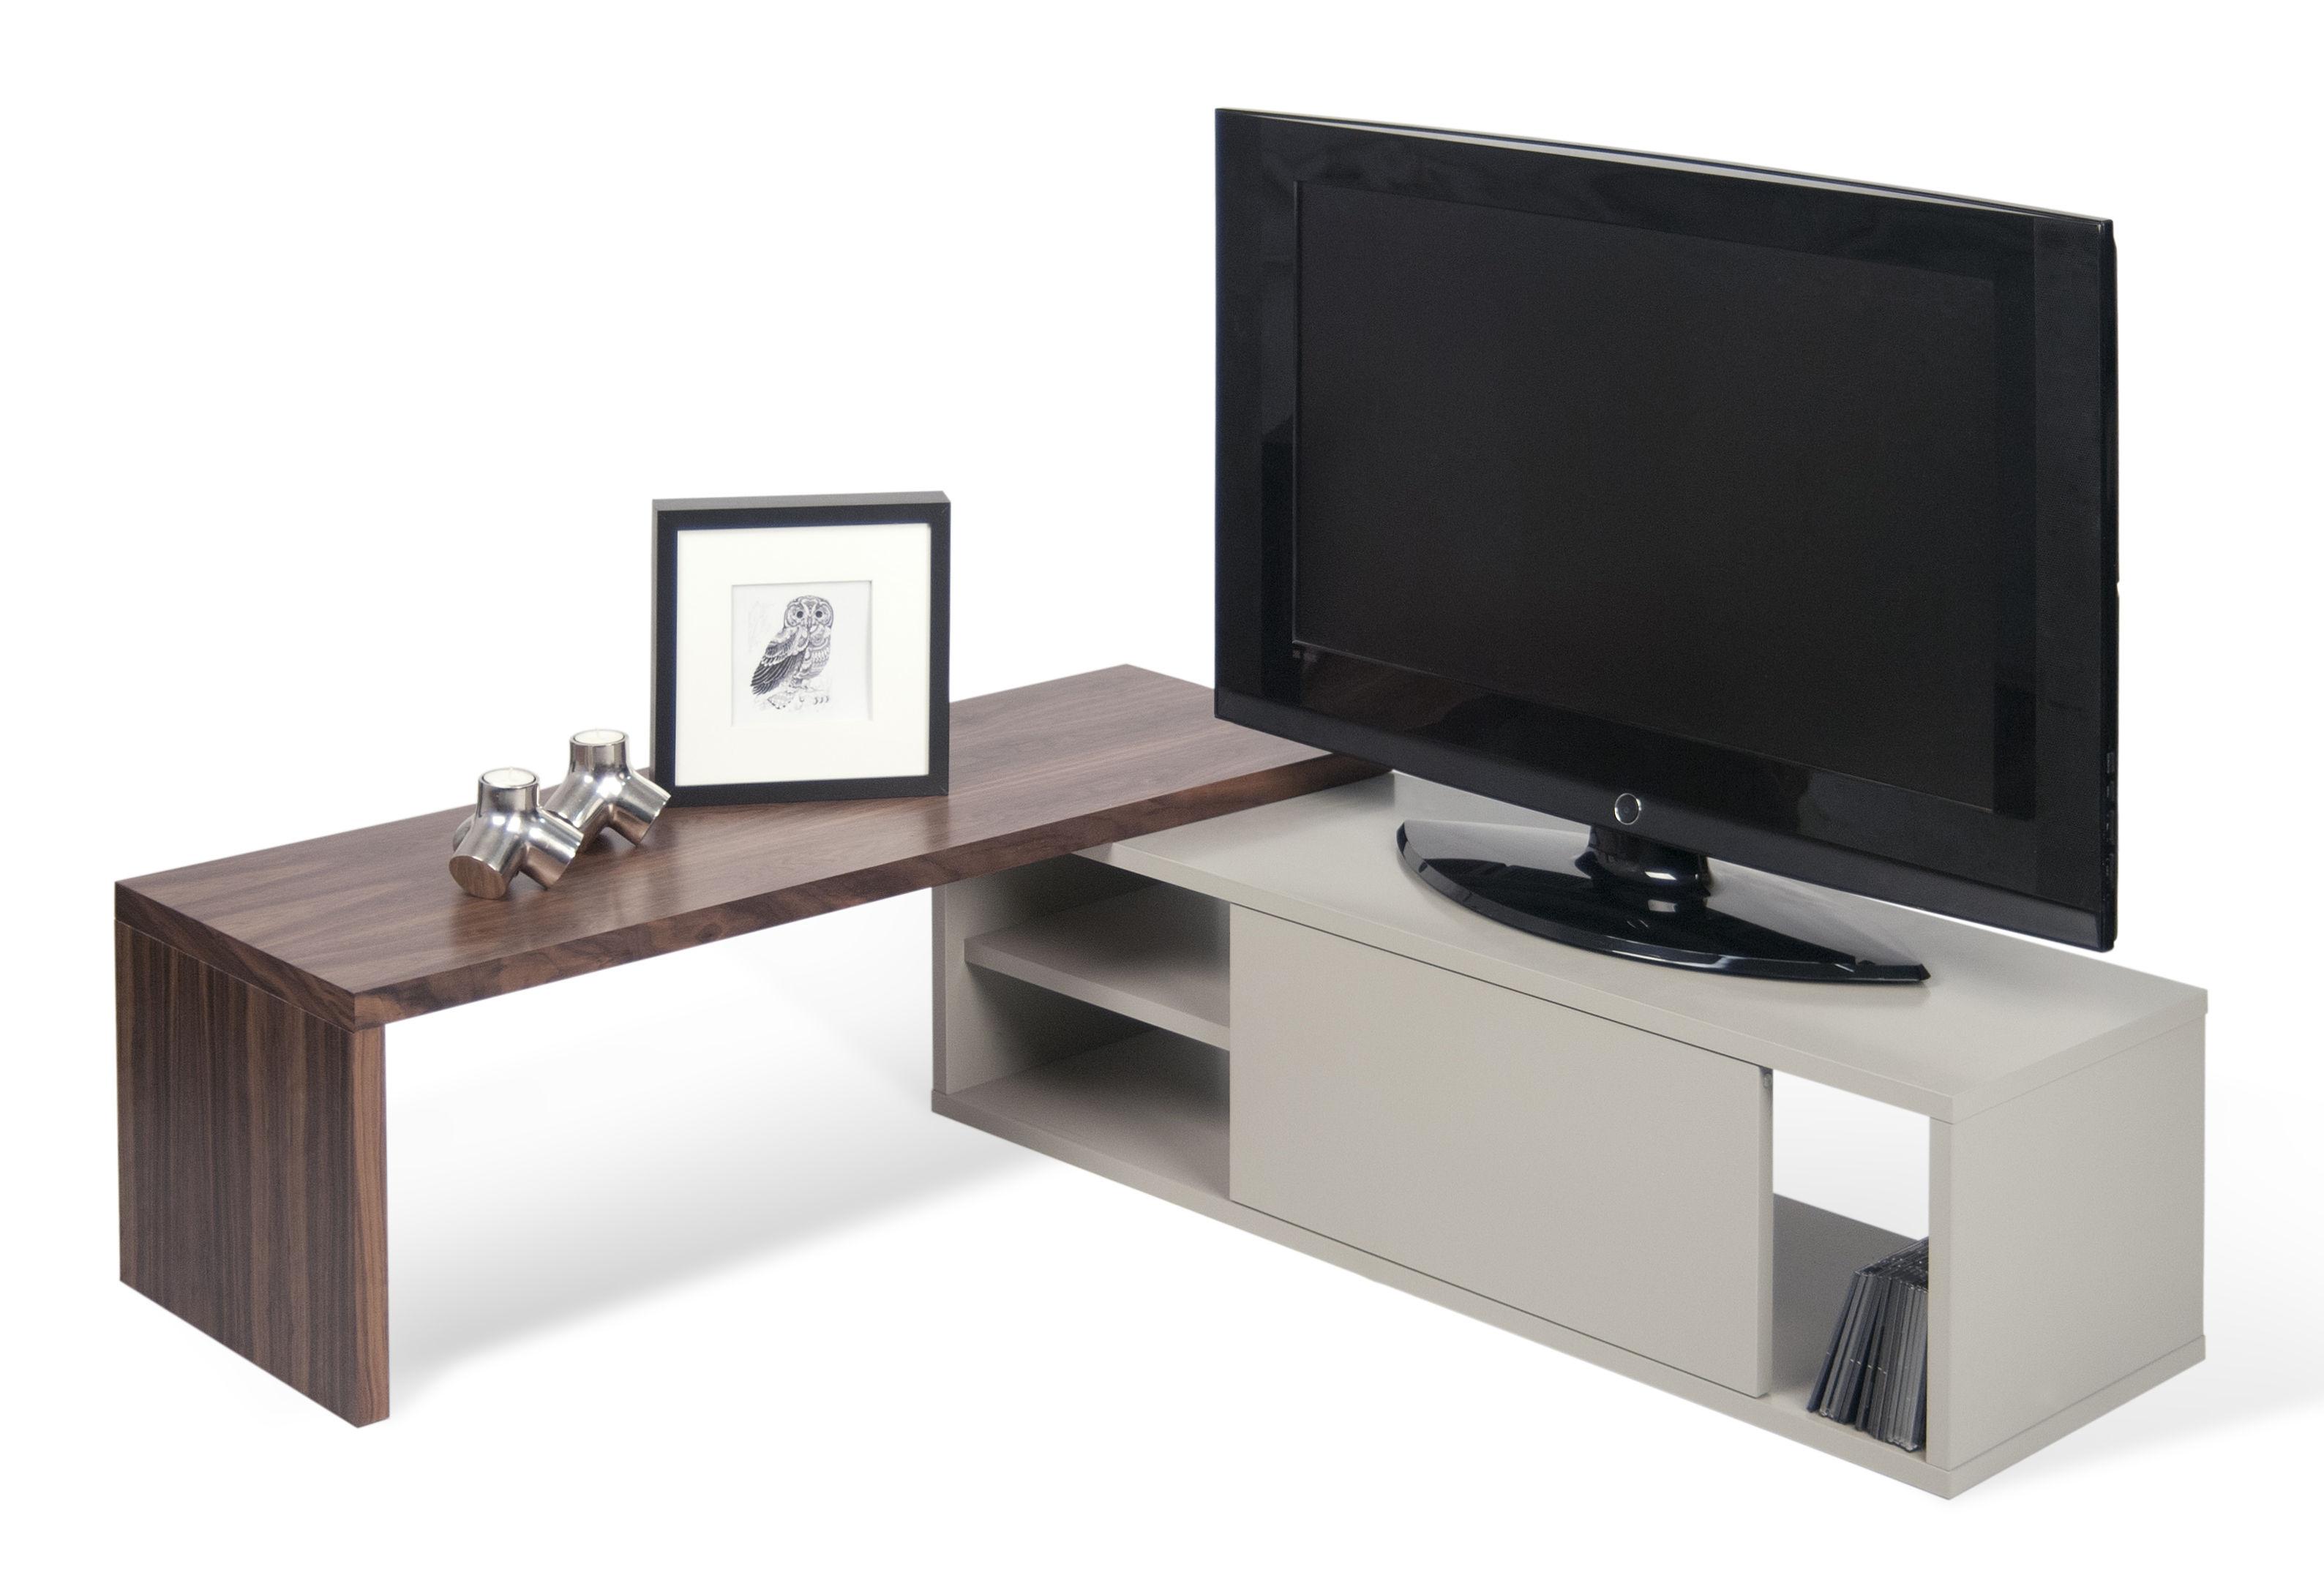 design tv m bel drehbar neuesten design kollektionen f r die familien. Black Bedroom Furniture Sets. Home Design Ideas